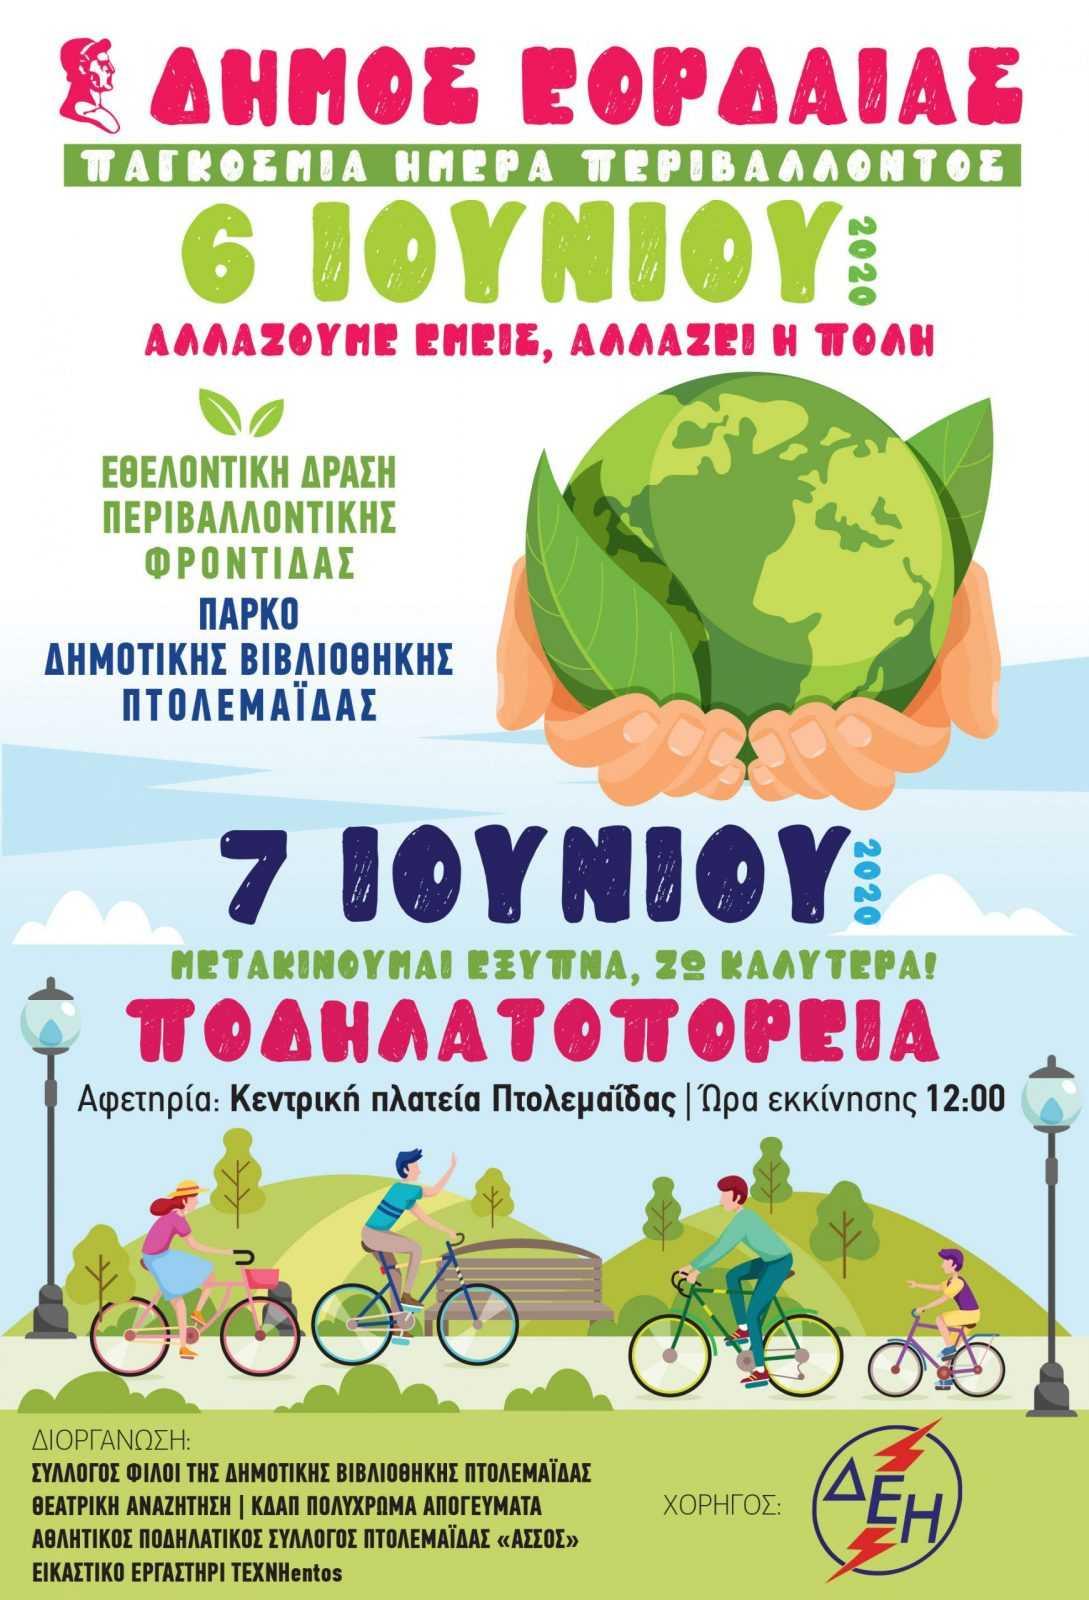 Εθελοντικές δράσεις περιβαλλοντικής φροντίδας από το Δήμο Εορδαίας για την Παγκόσμια Ημέρα Περιβάλλοντος.